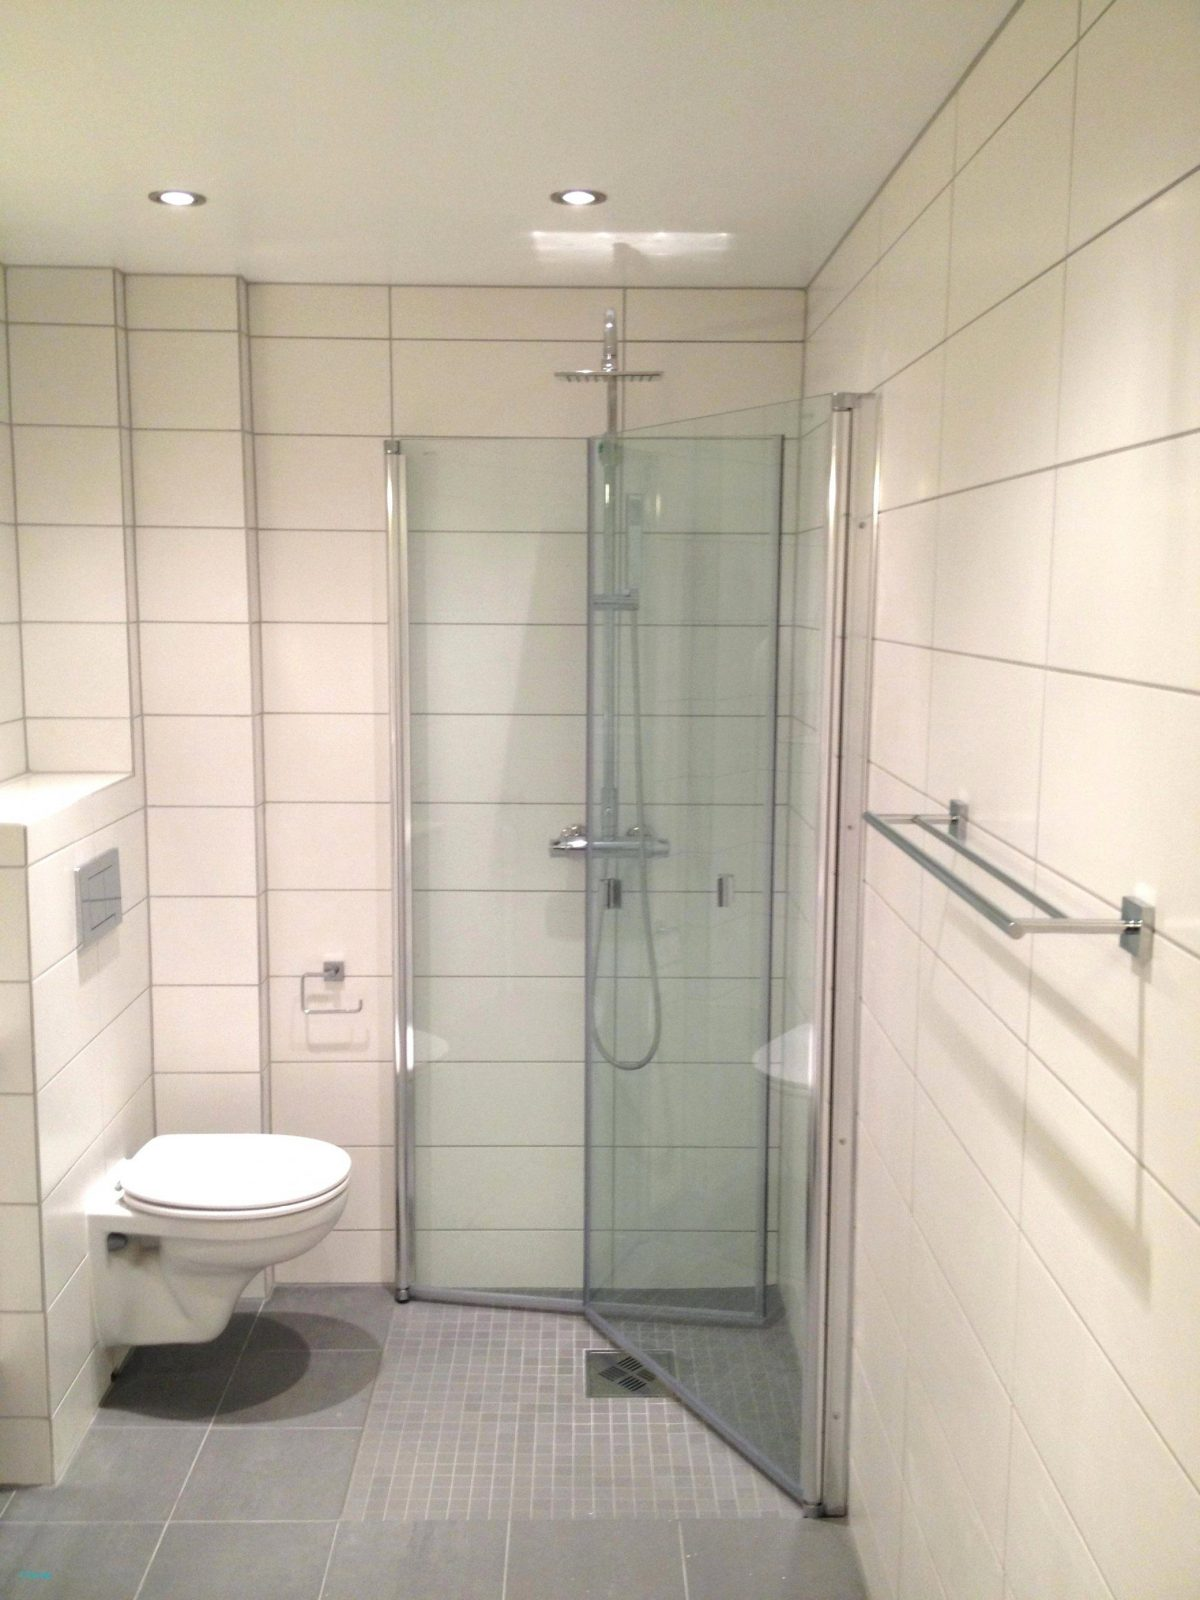 Badezimmer bad erneuern dusche einrichten badezimmer ideen for Badezimmer ideen 5qm